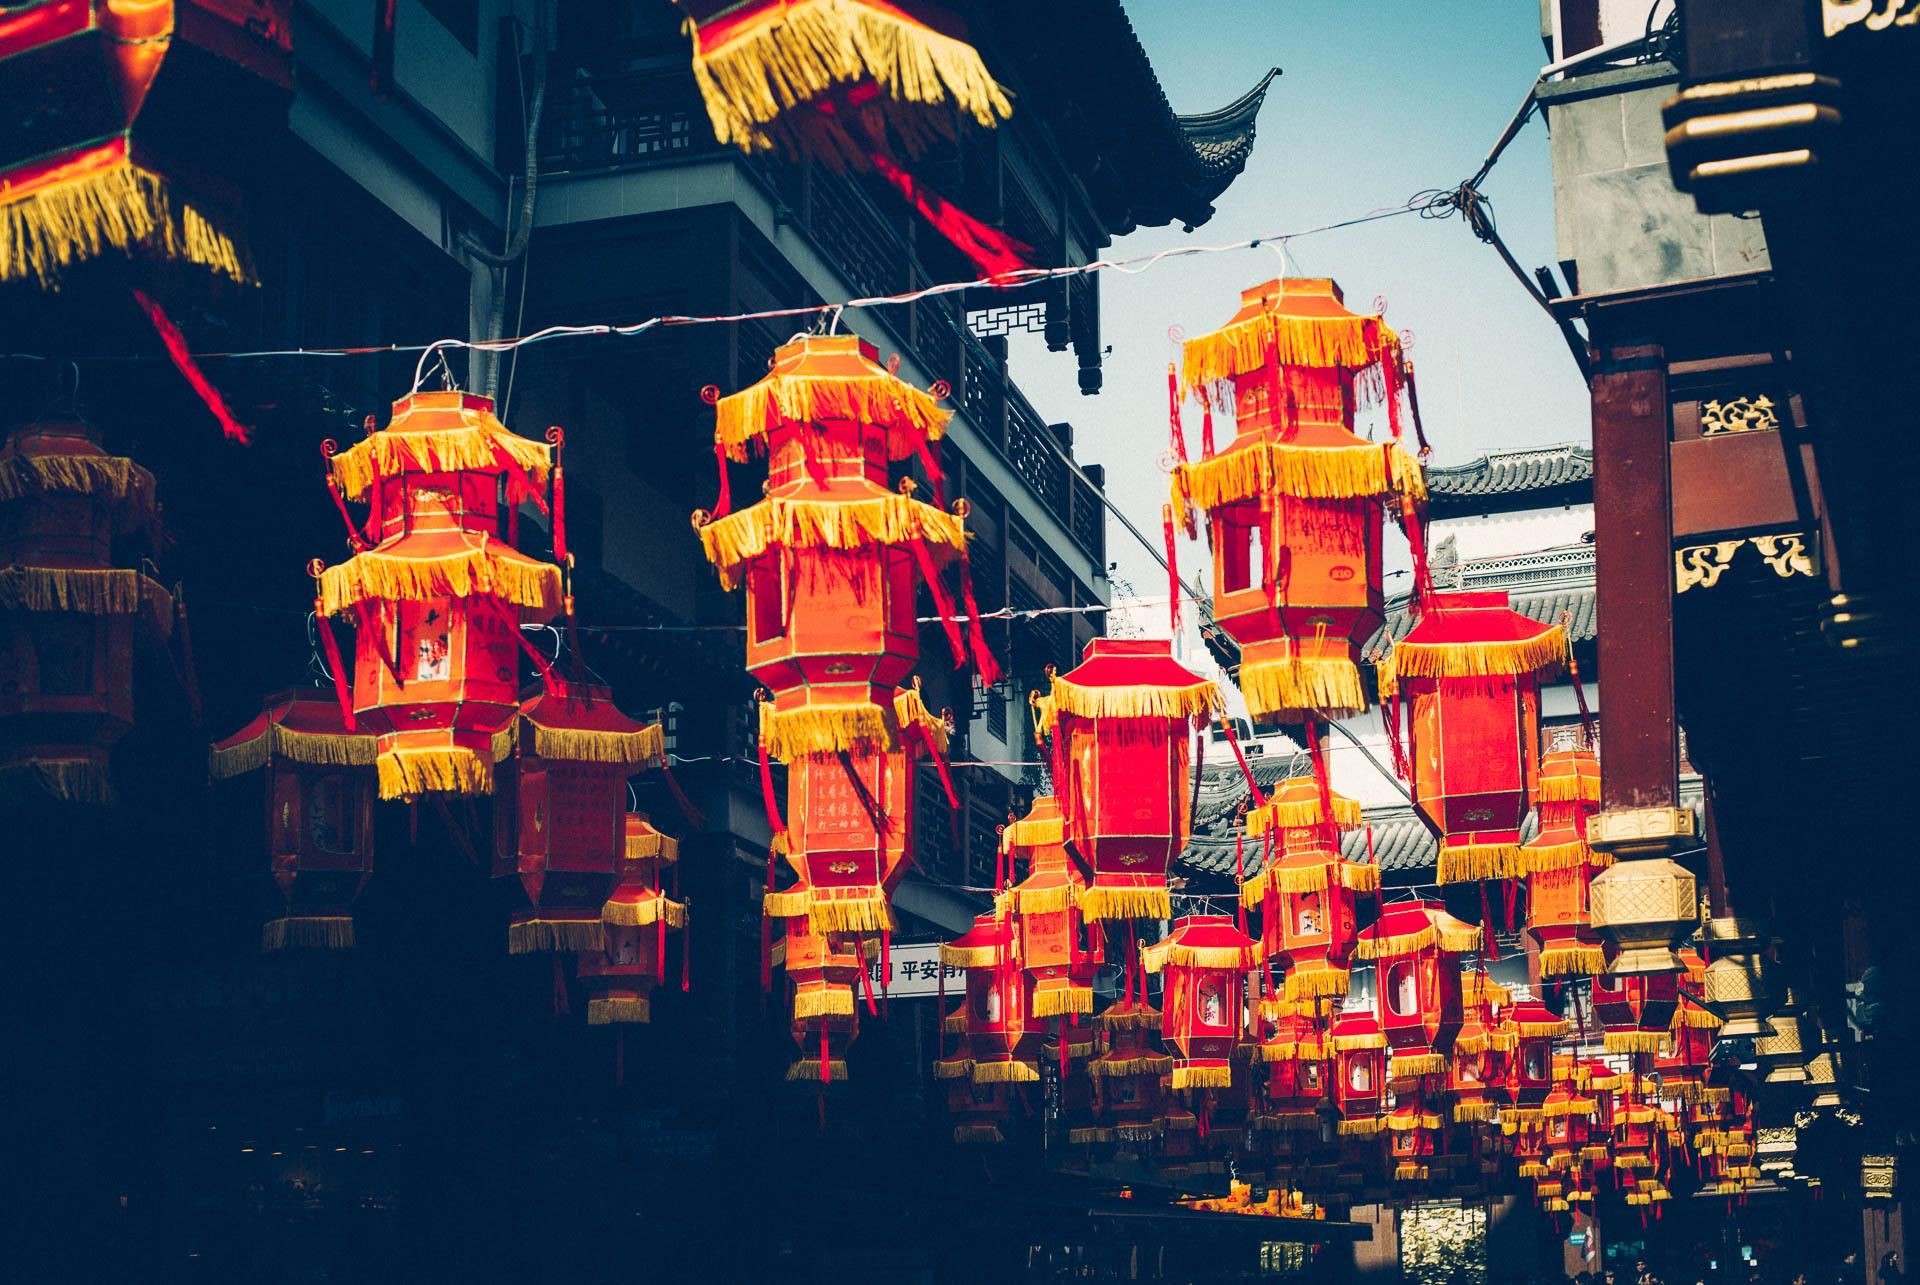 Shanghai China Klischee La,pions